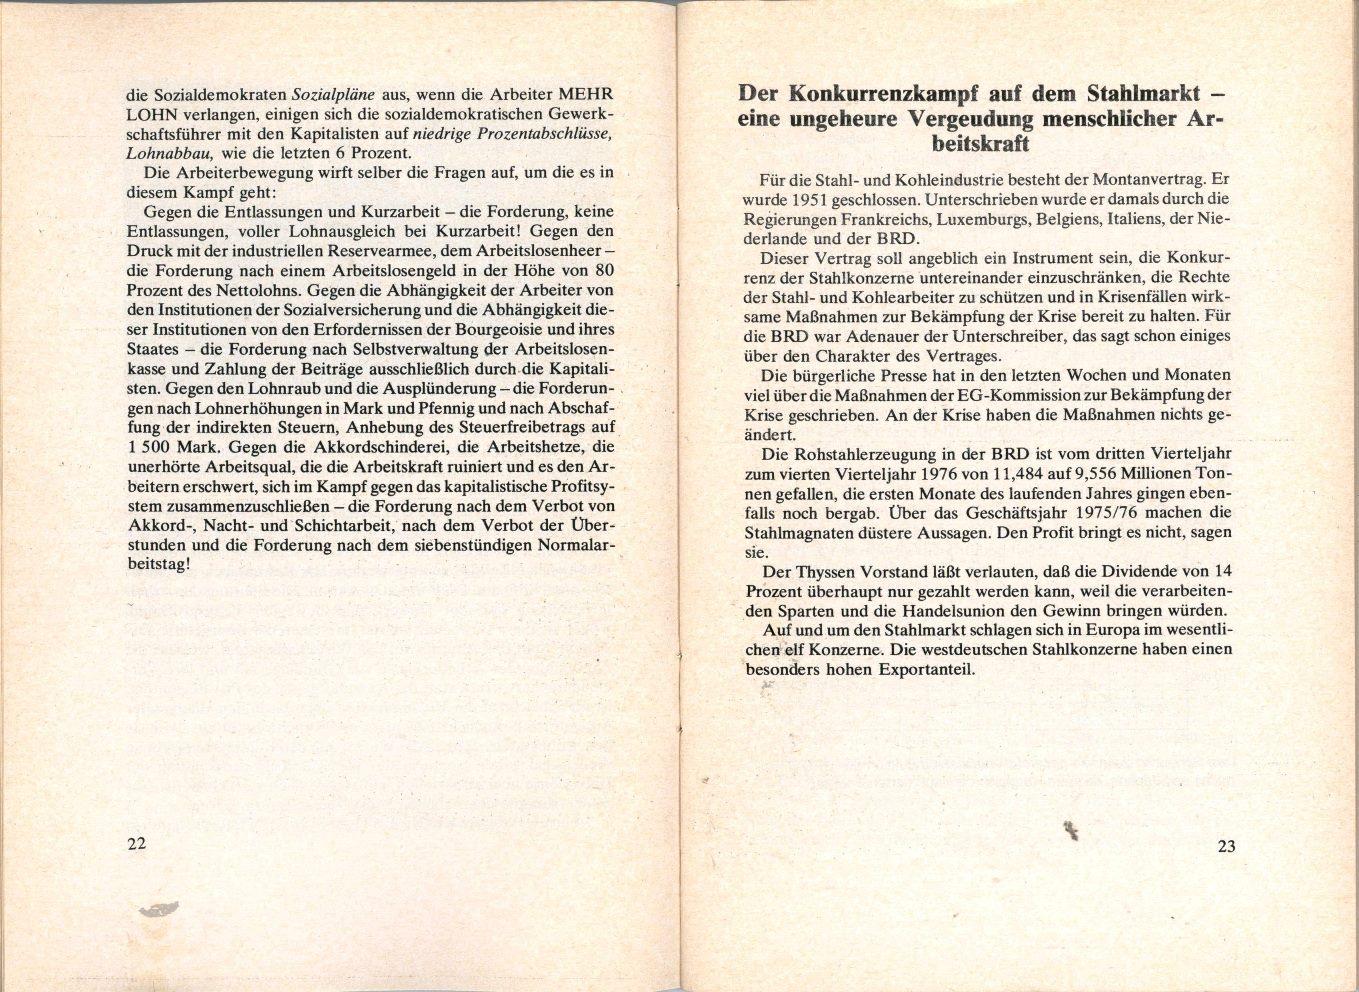 IGM_KBW_Krise_in_der_Stahlindustrie_1977_13